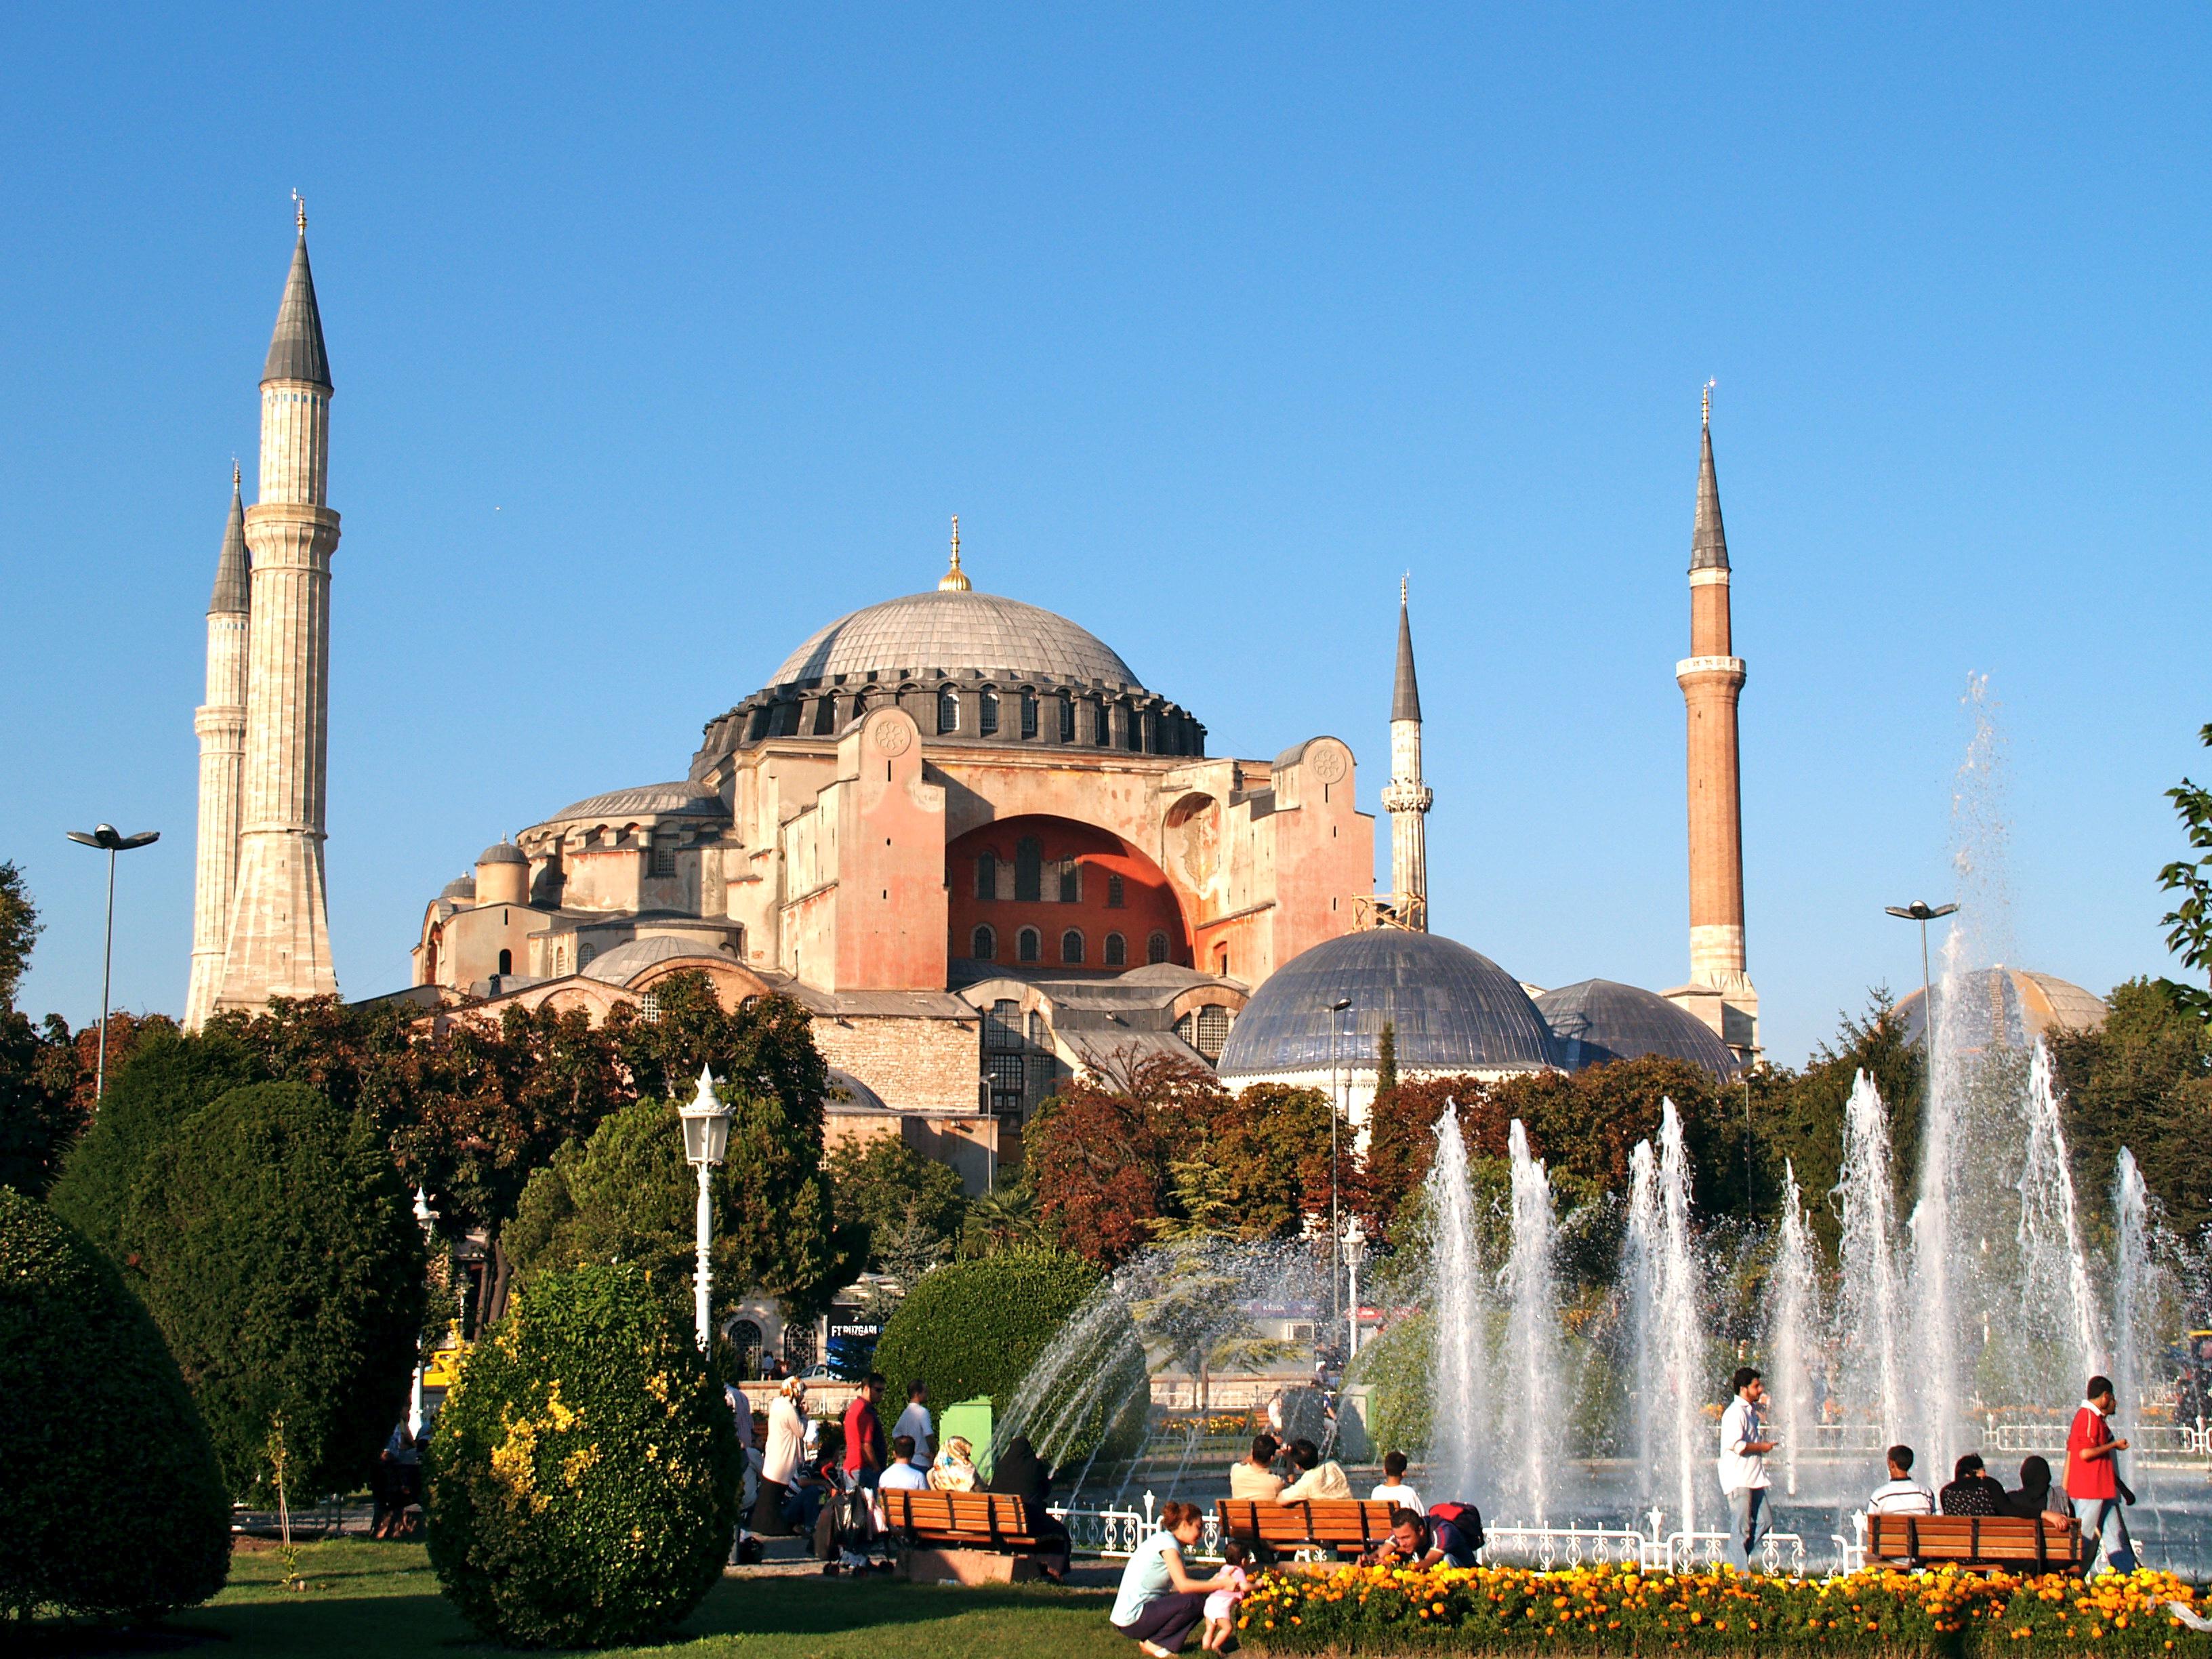 File:Turkey, Istanbul, Hagia Sophia (Ayasofya) (3945434964 ...